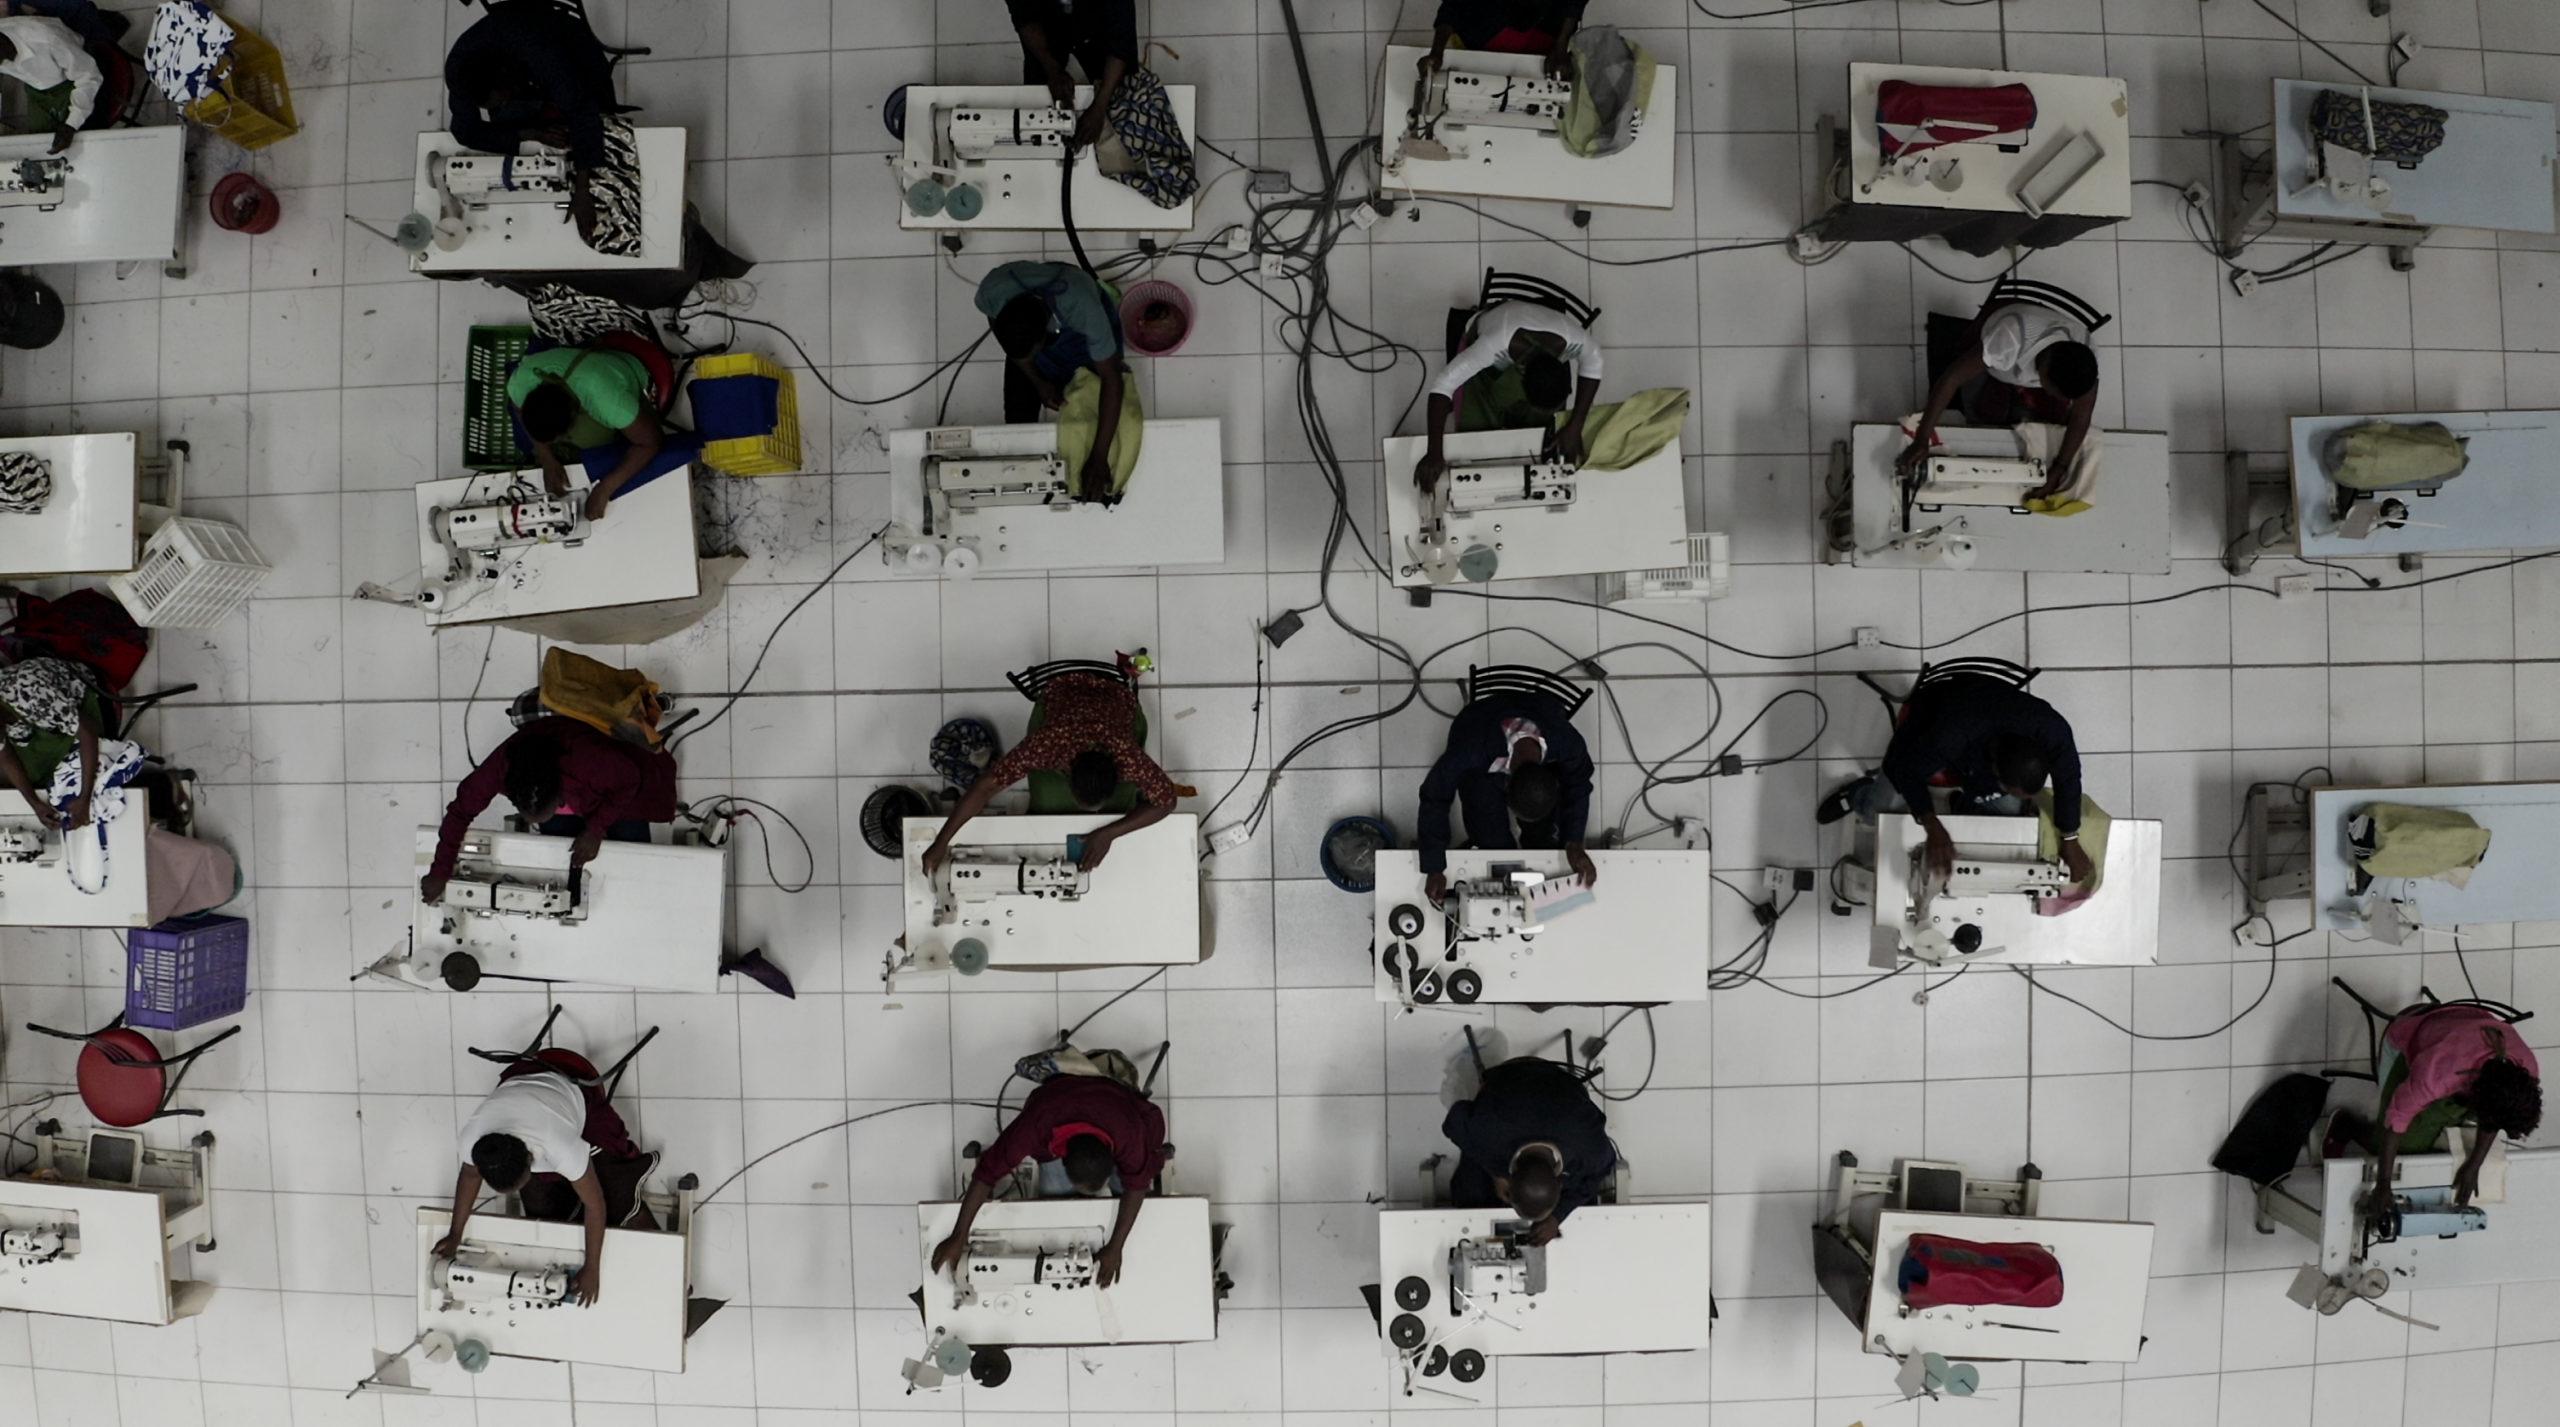 Factory Shot ©ITC - Ethical Fashion Artisans Ltd-Ethical Fashion Initiative